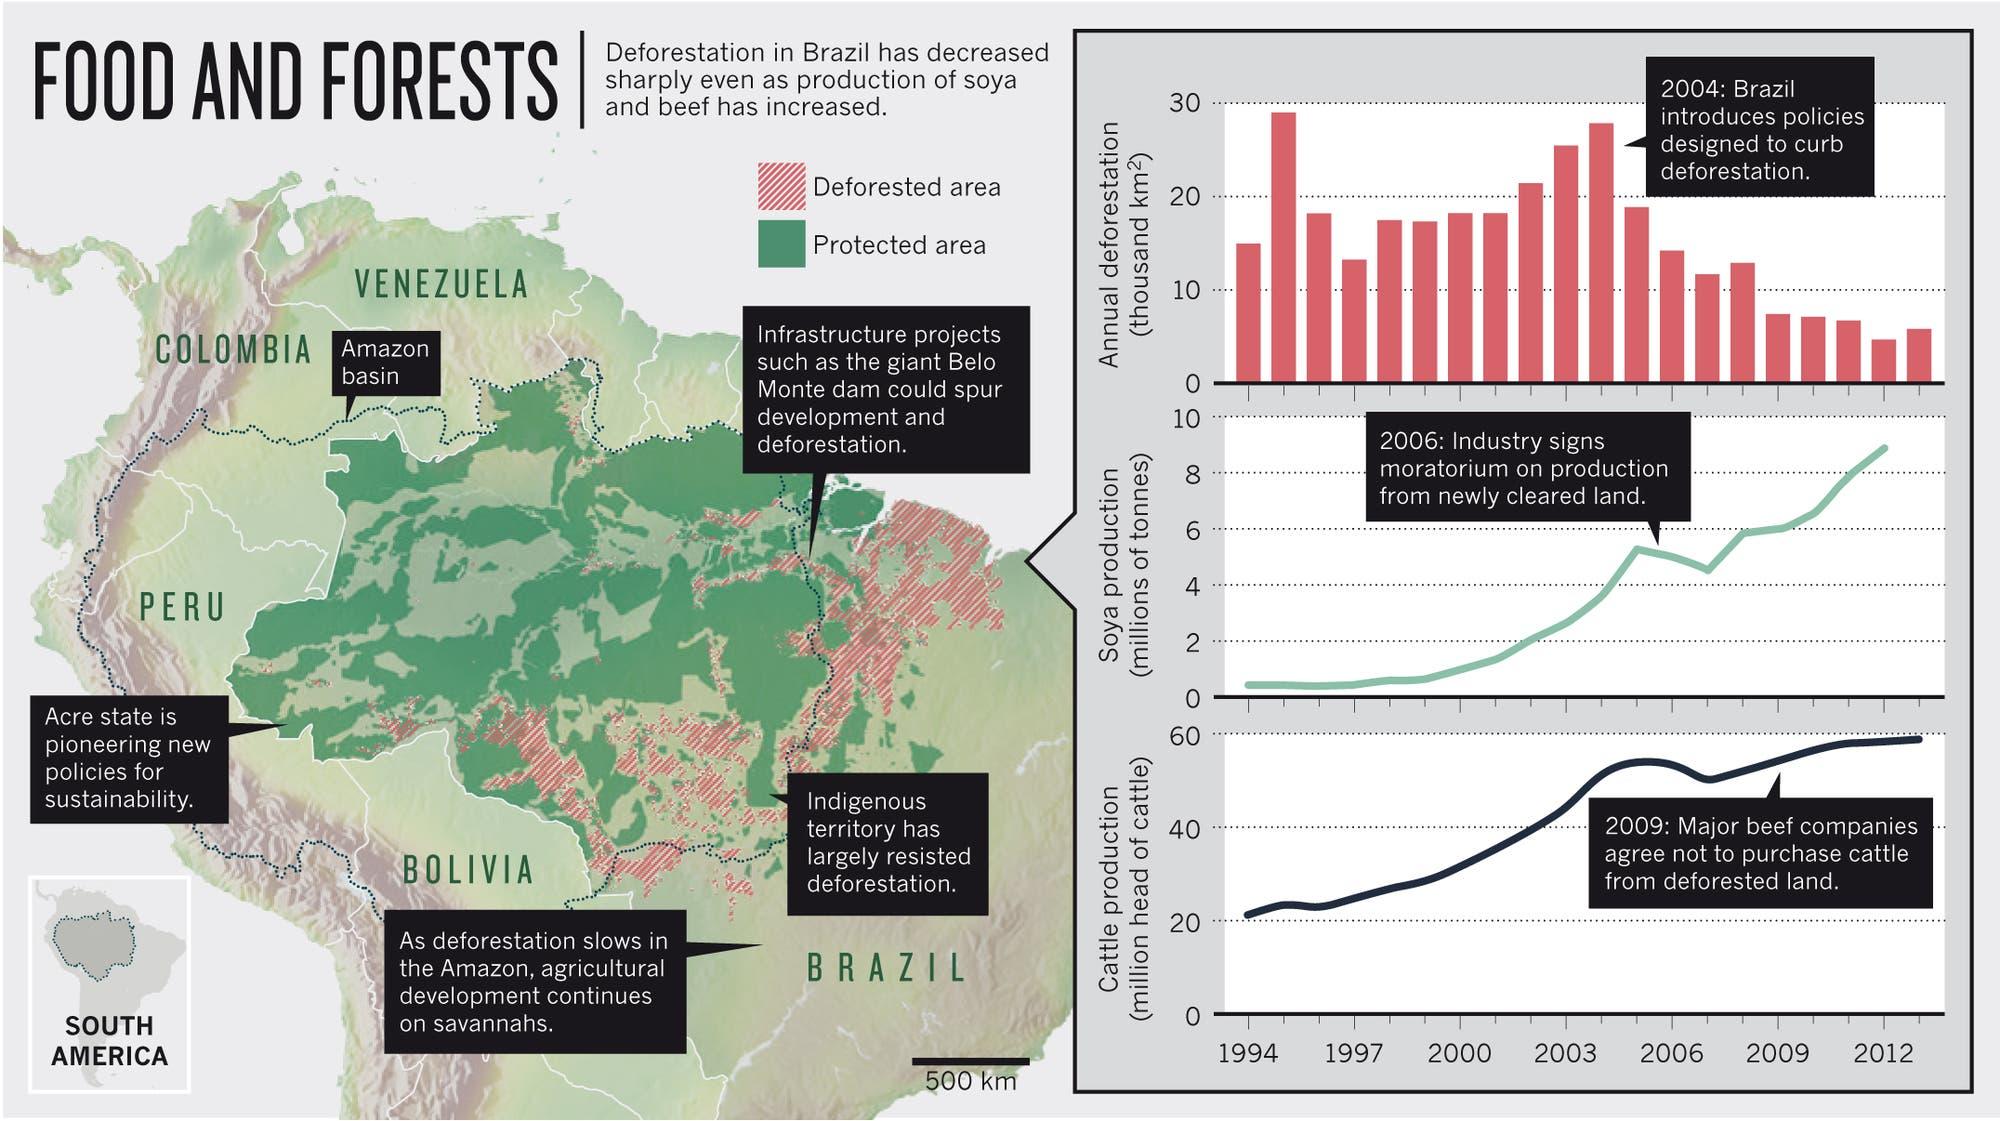 Die Karte zeigt deutlich, dass Indianerreservate und Naturschutzgebiete die Entwaldung deutlich bremsen können. Infrastrukturprojekte treiben sie dagegen richtig voran. Leider versuchen Bergbau- und Landwirtschaftslobbyisten den Schutzstatus von Reservaten parlamentarisch auszuhöhlen.